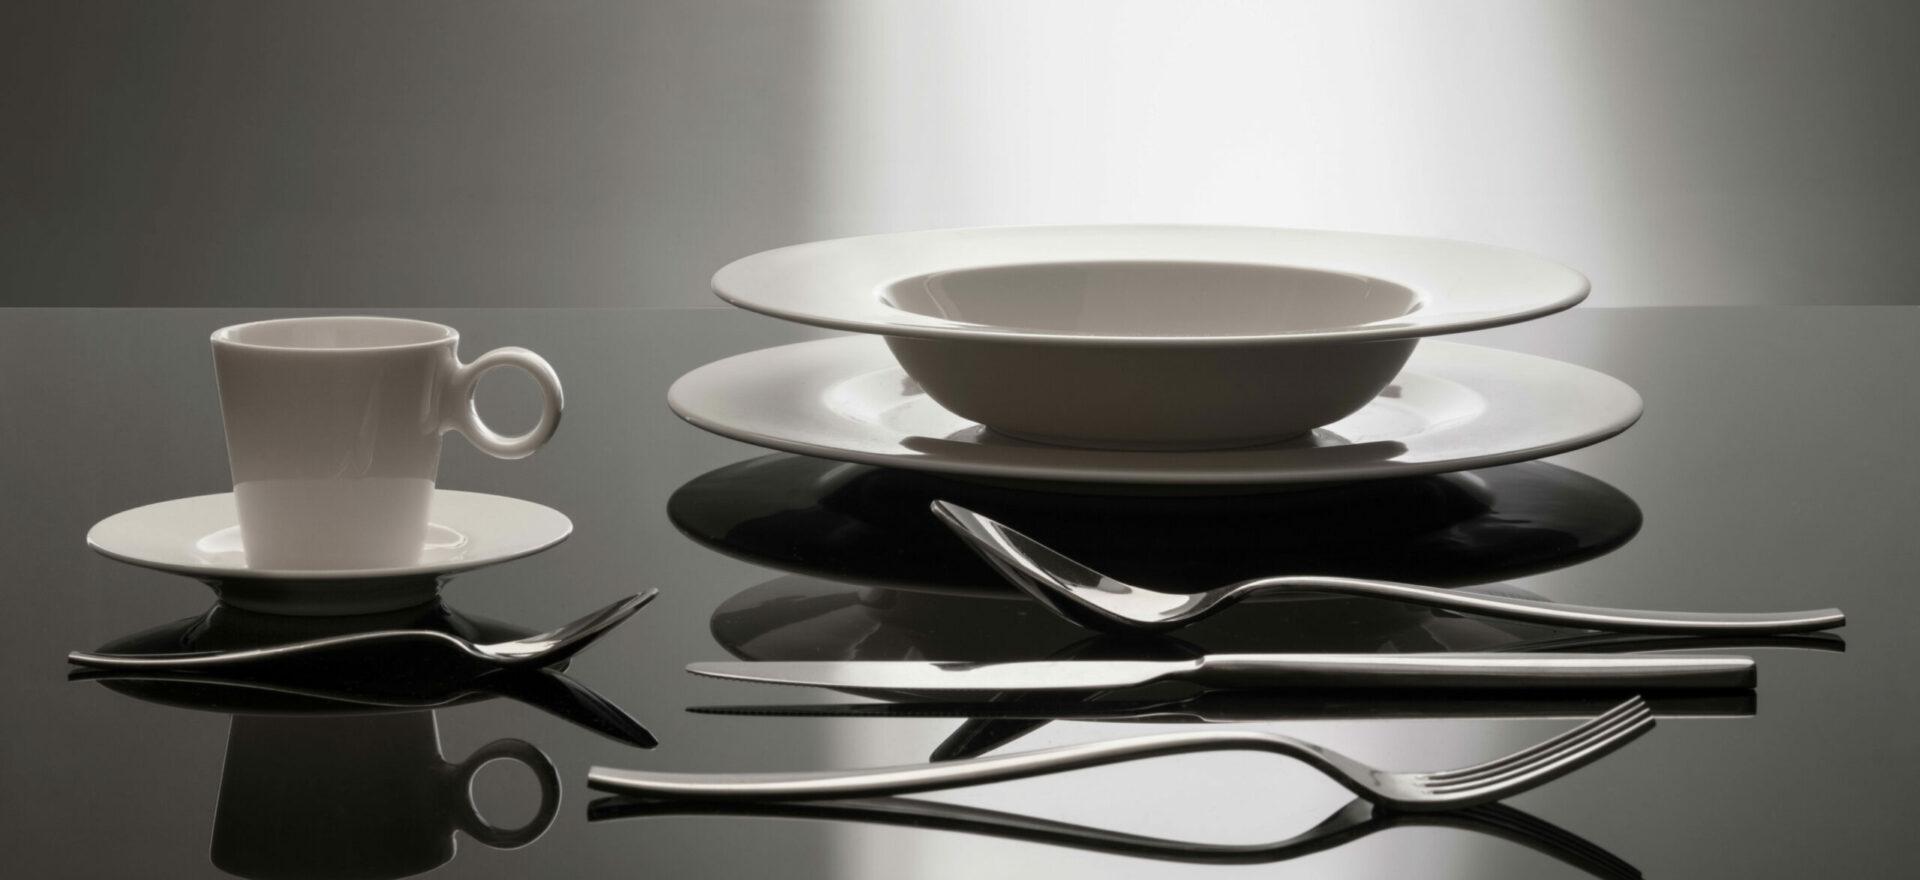 Product Design | Tableware Porcelain | Coop Italia| Mario Trimarchi Design | Fragile | Ph Santi Caleca